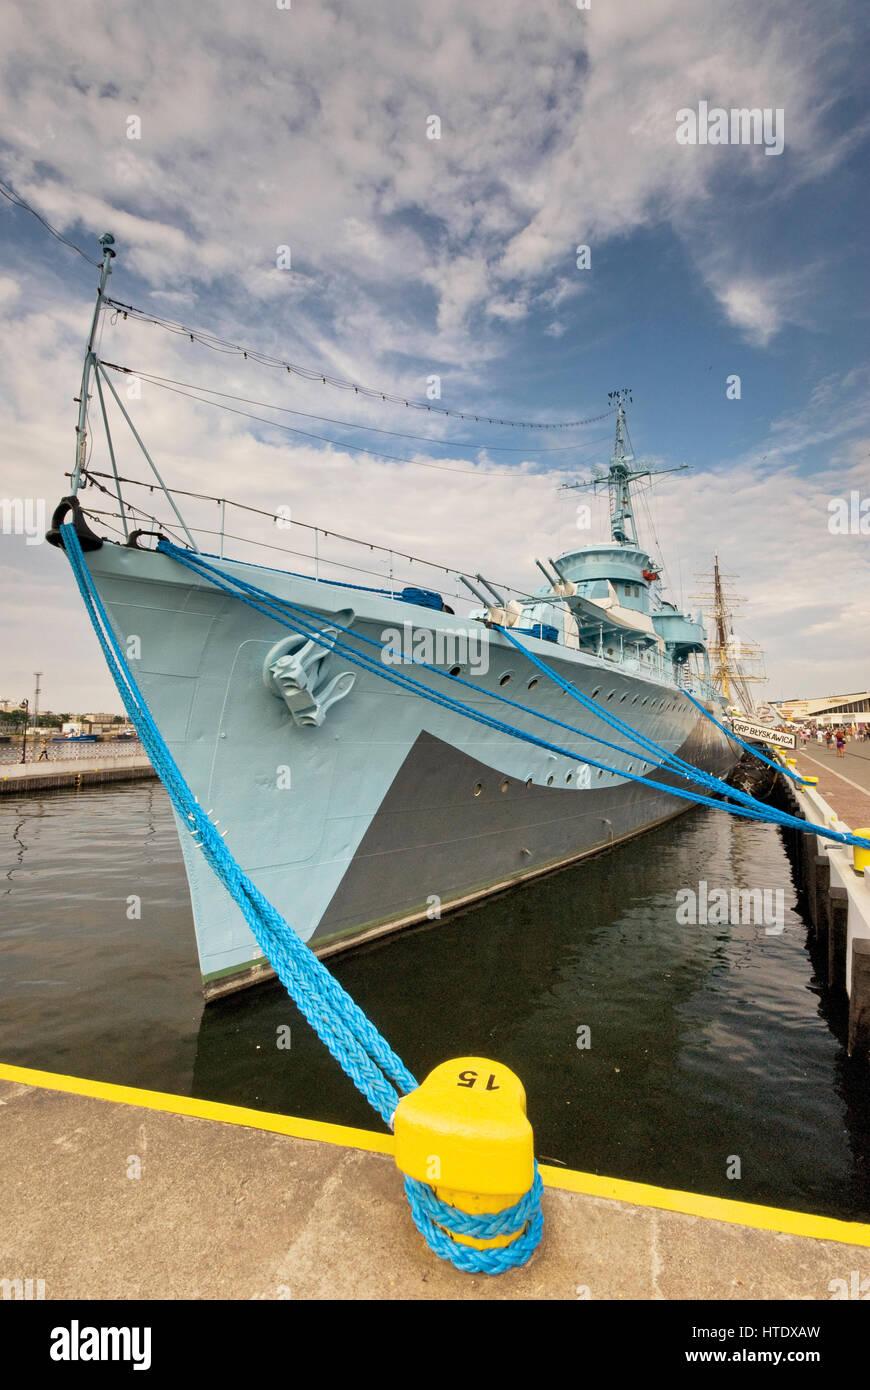 ORP Blyskawica WW2 museum warship at waterfront in Gdynia, Pomerania, Poland - Stock Image